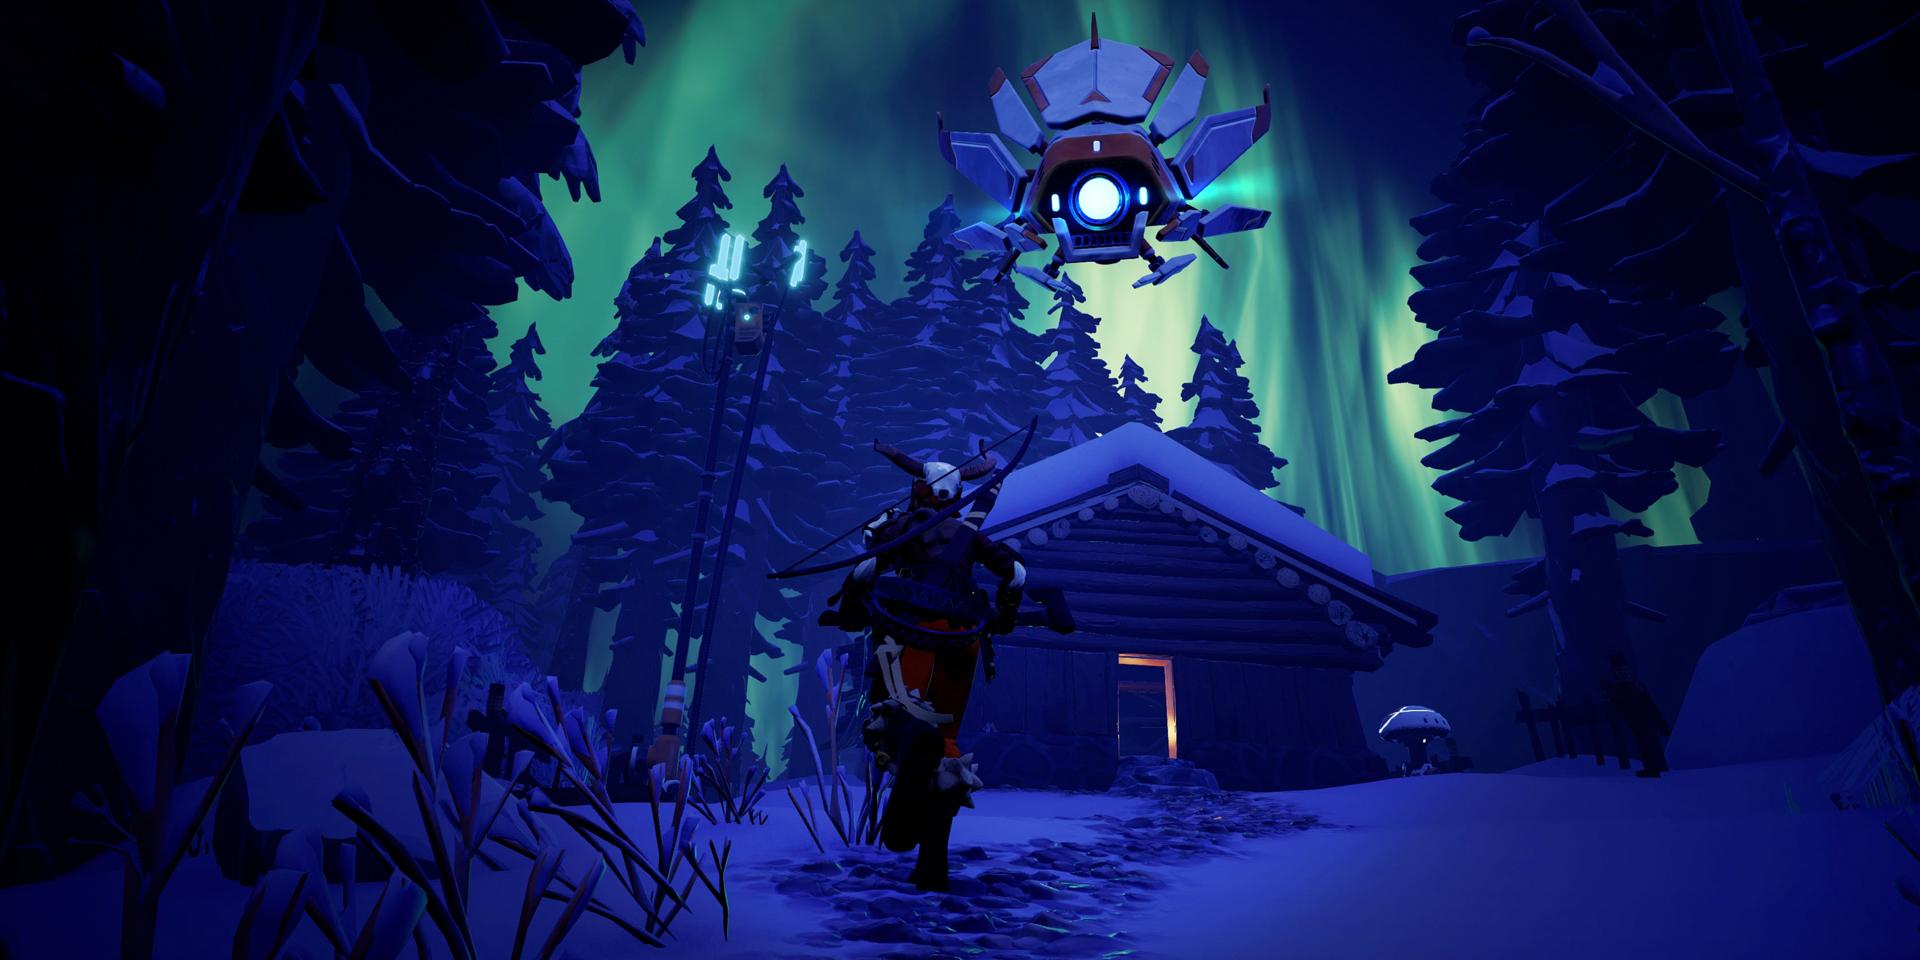 極寒の山岳地帯で生き残りをかけて繰り広げるバトルロイヤル ゲーム『Darwin Project』